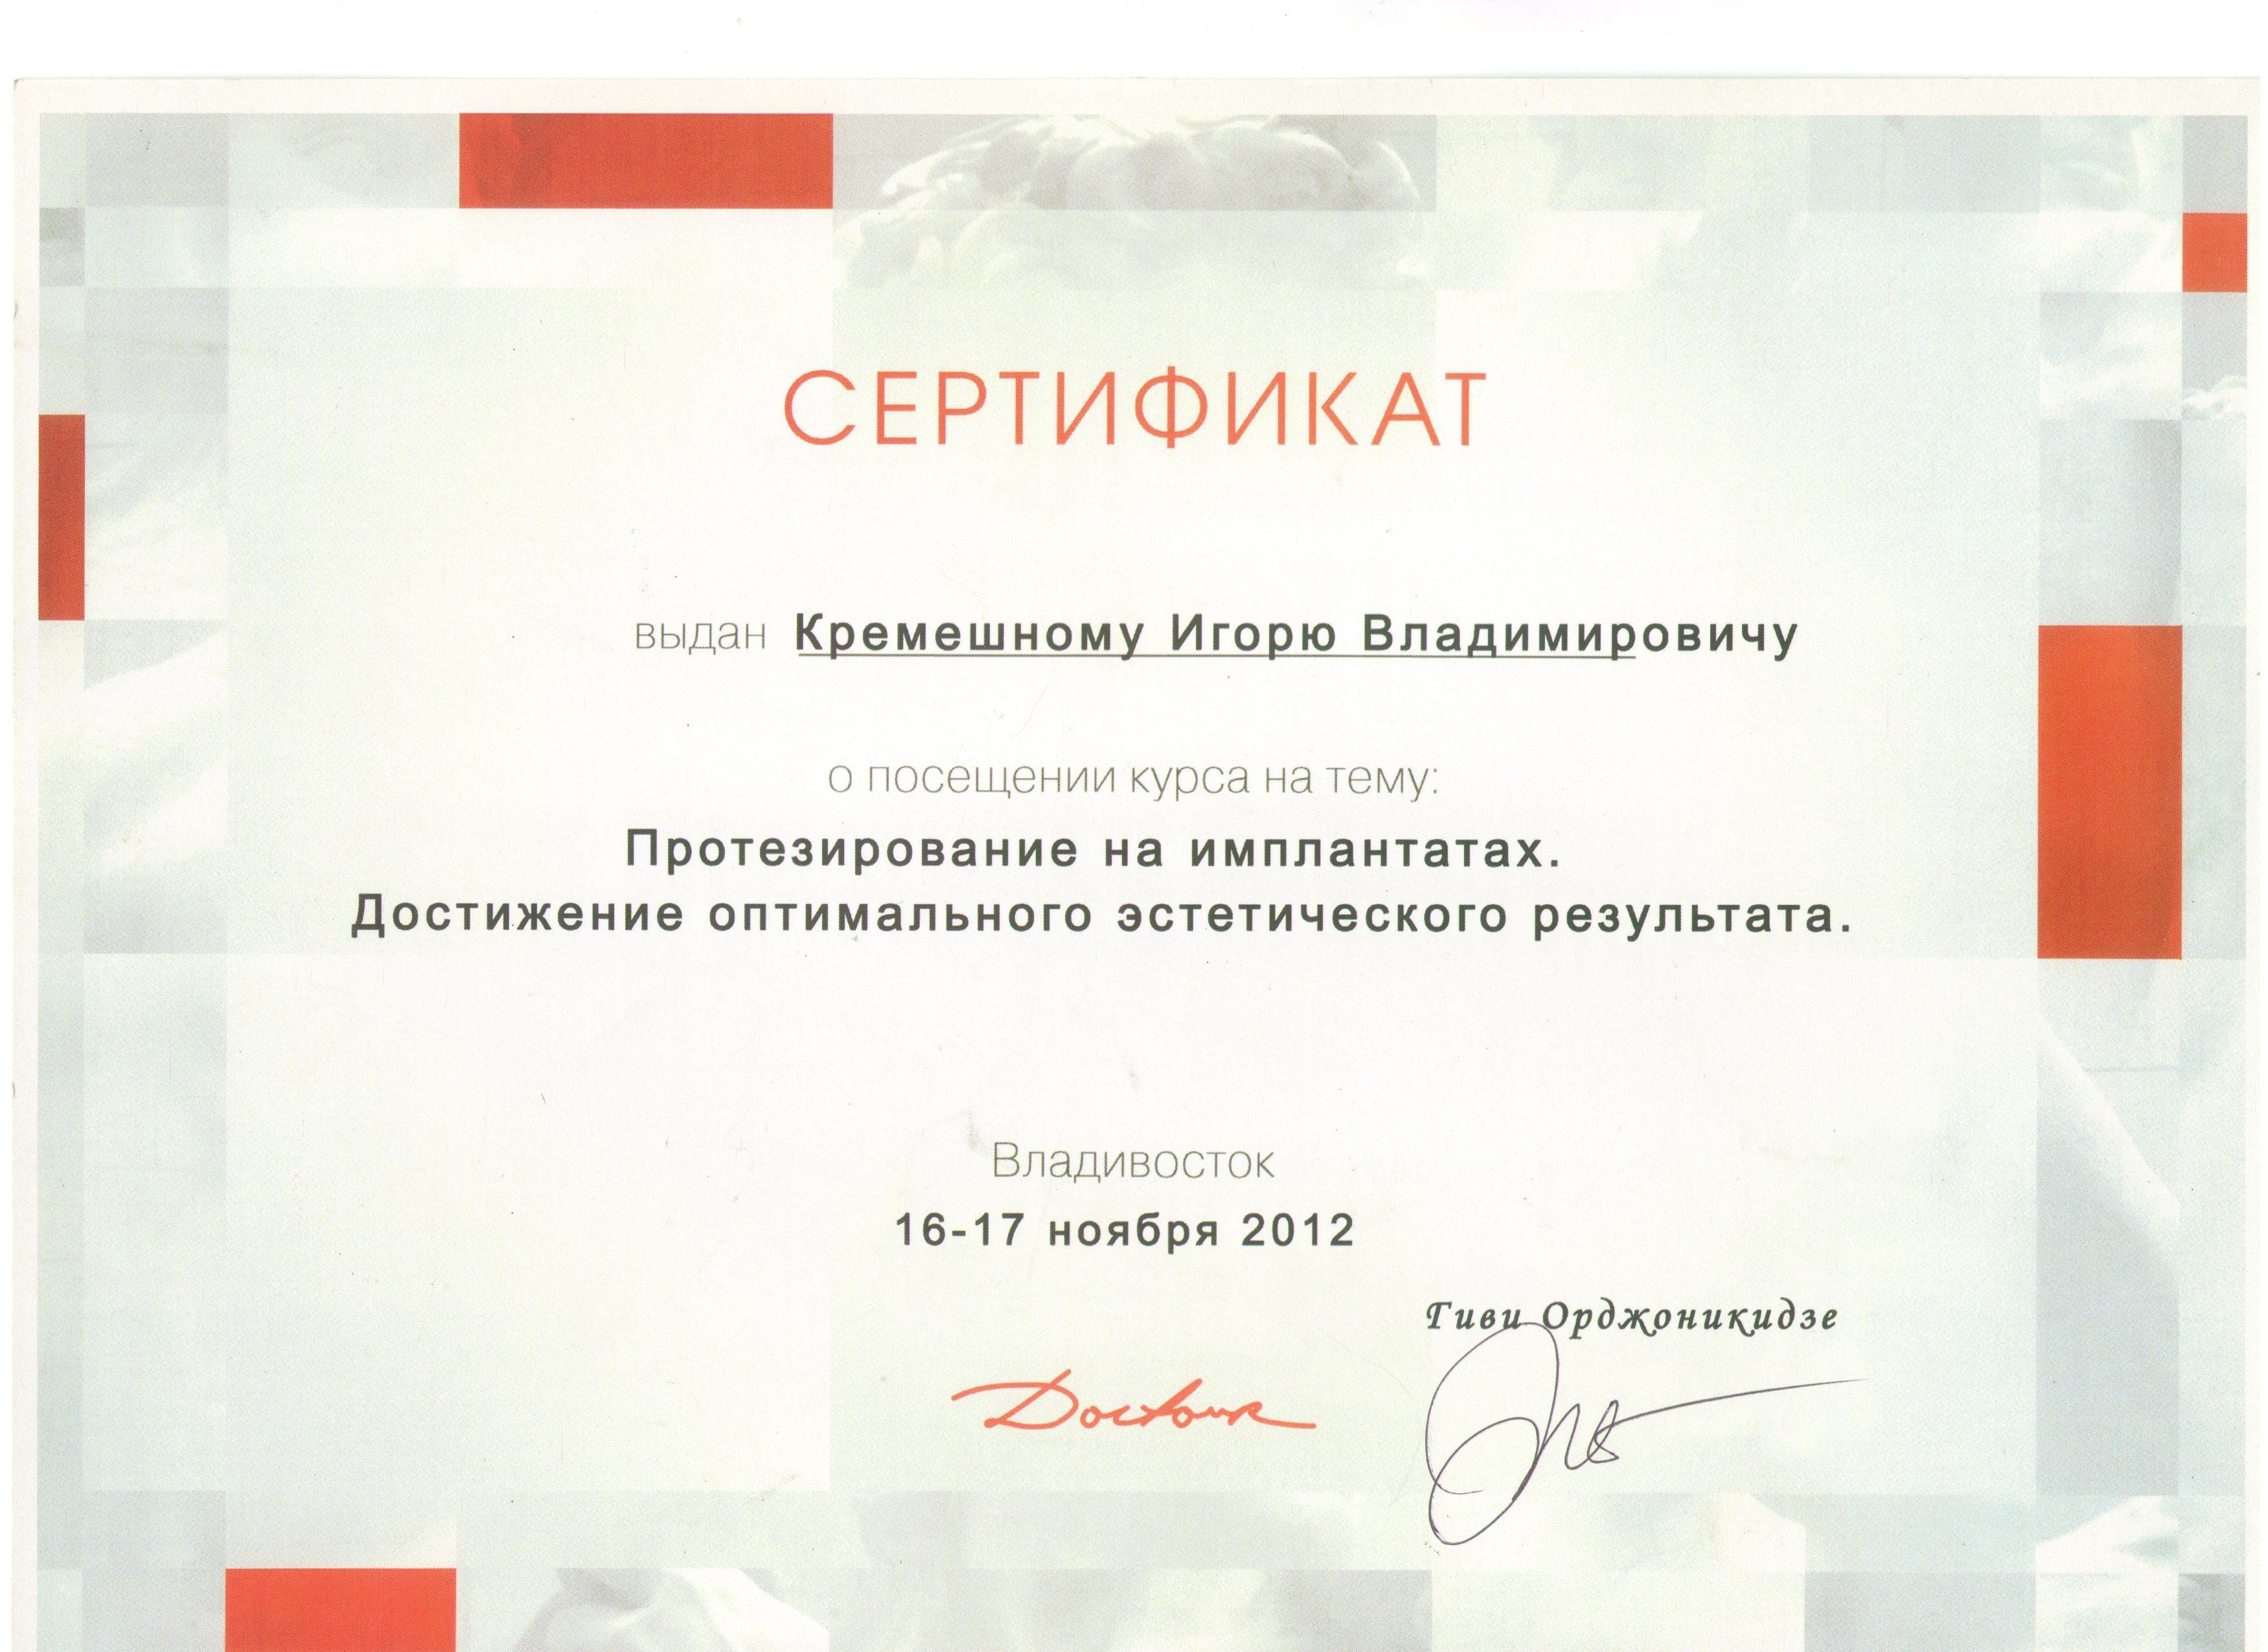 Изображение сертификата Кремешный Игорь Владимирович